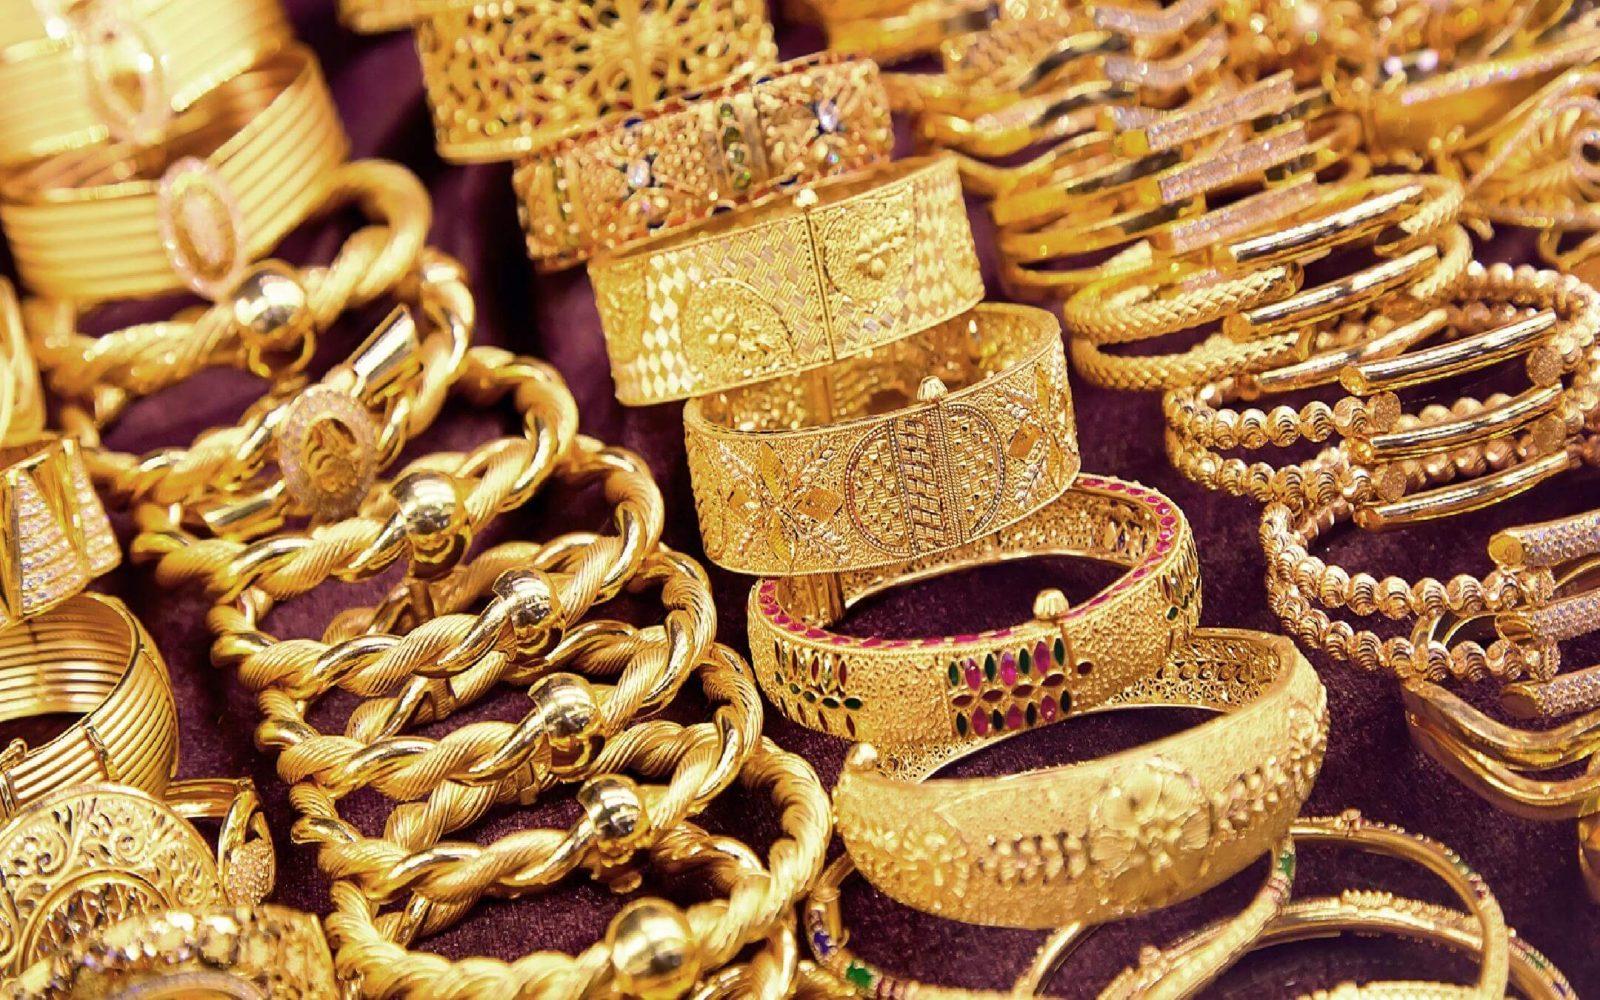 سعر الذهب يواصل الصعود لأعلي والجرام عيار 21 يسجل مستوى قياسي جديد